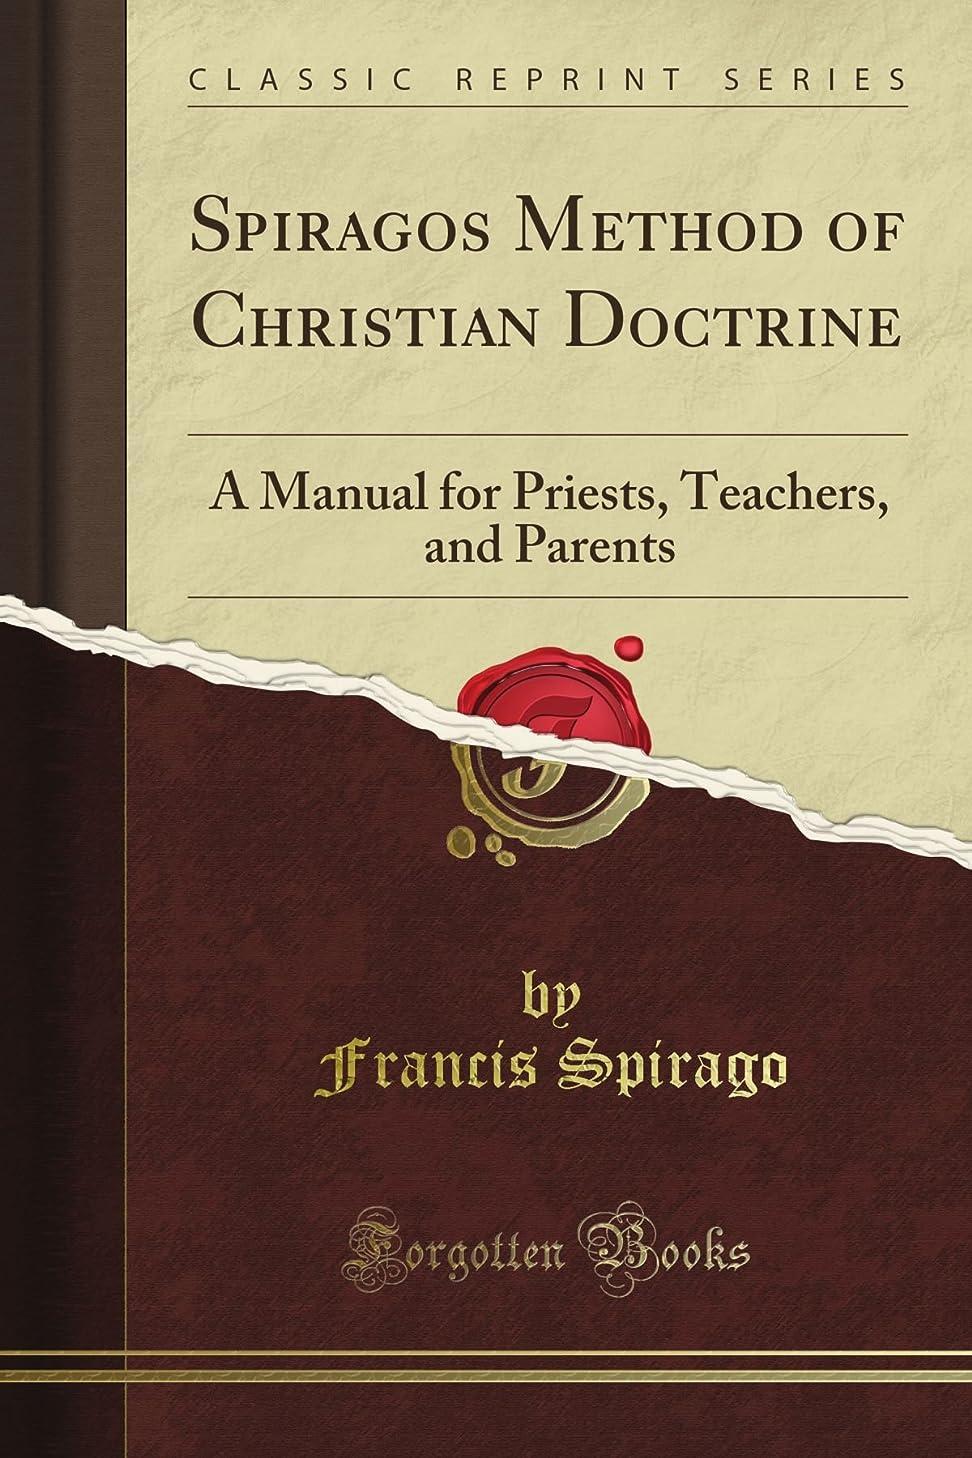 ワットクリームパラメータSpirago's Method of Christian Doctrine: A Manual for Priests, Teachers, and Parents (Classic Reprint)